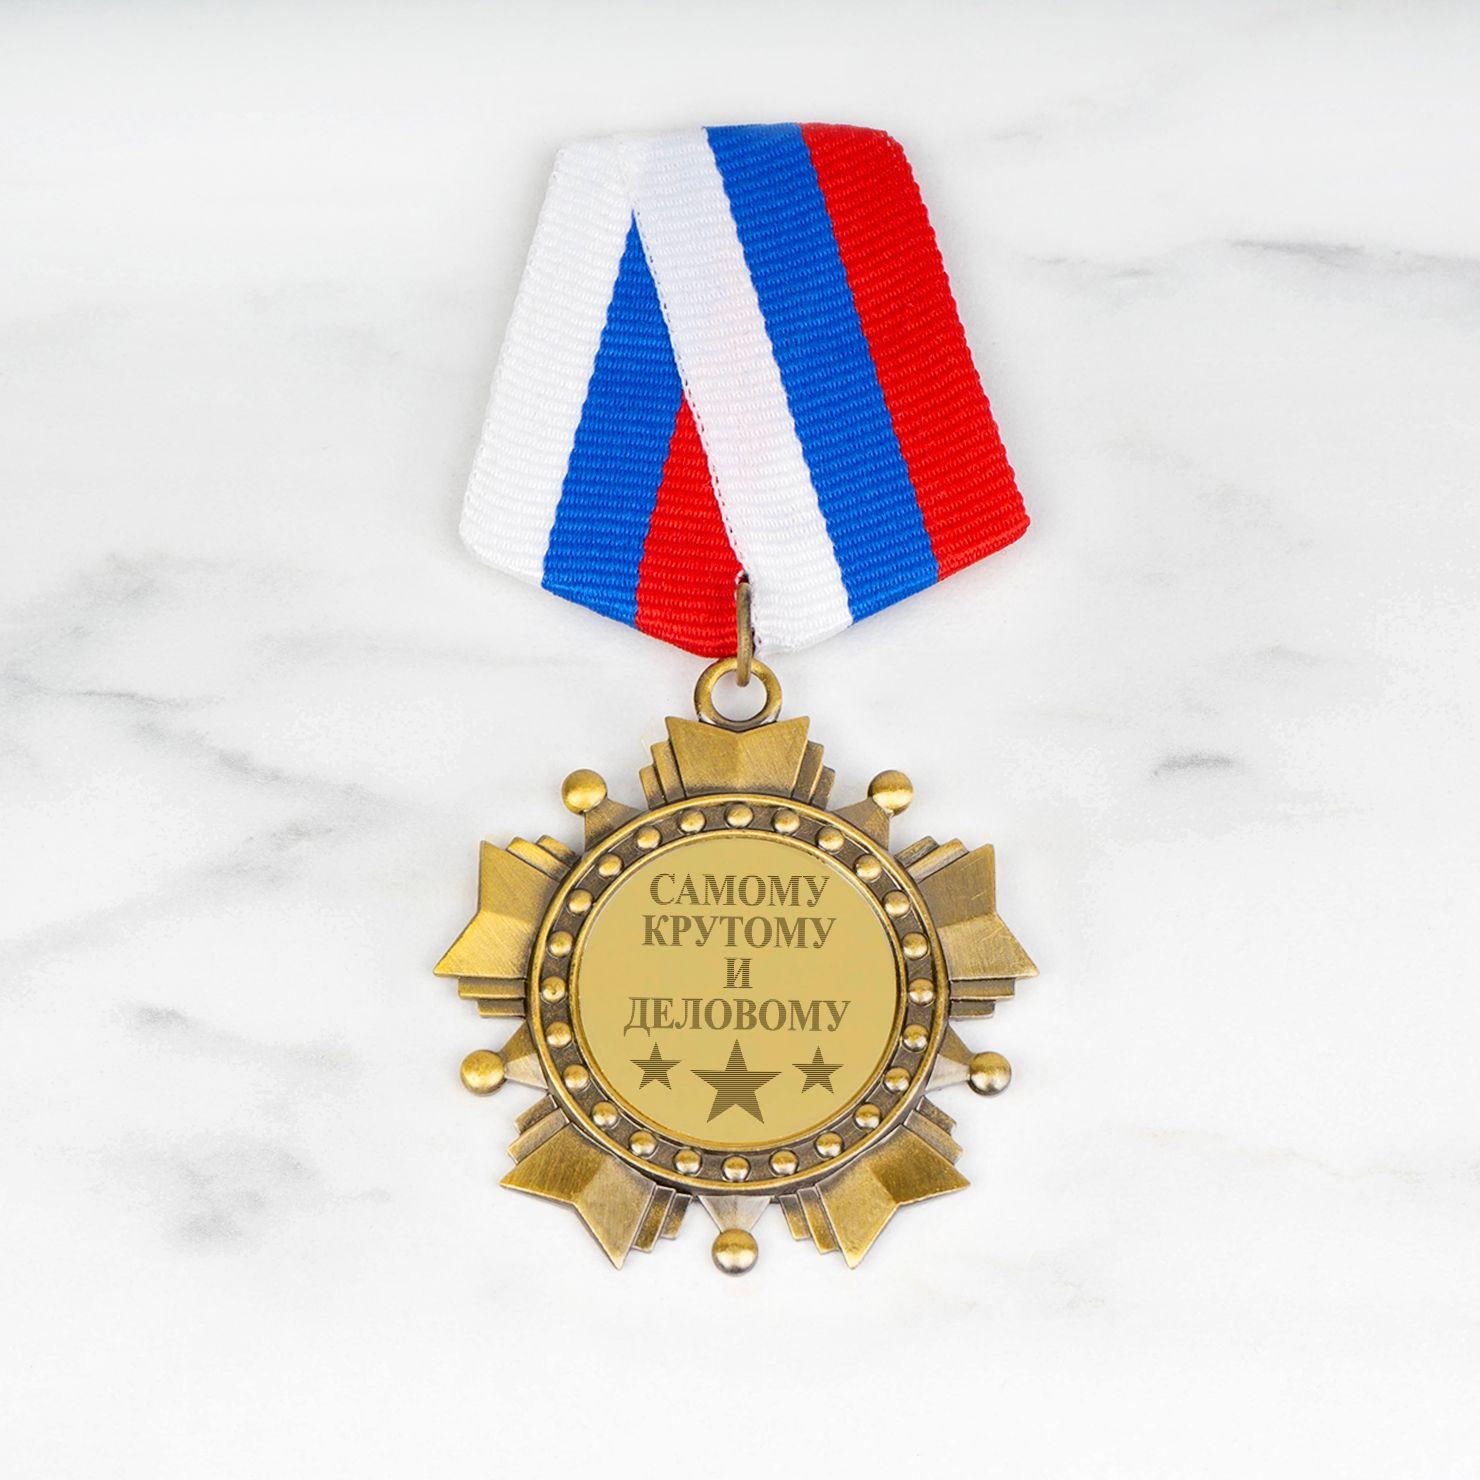 Орден *Самому крутому и деловому*